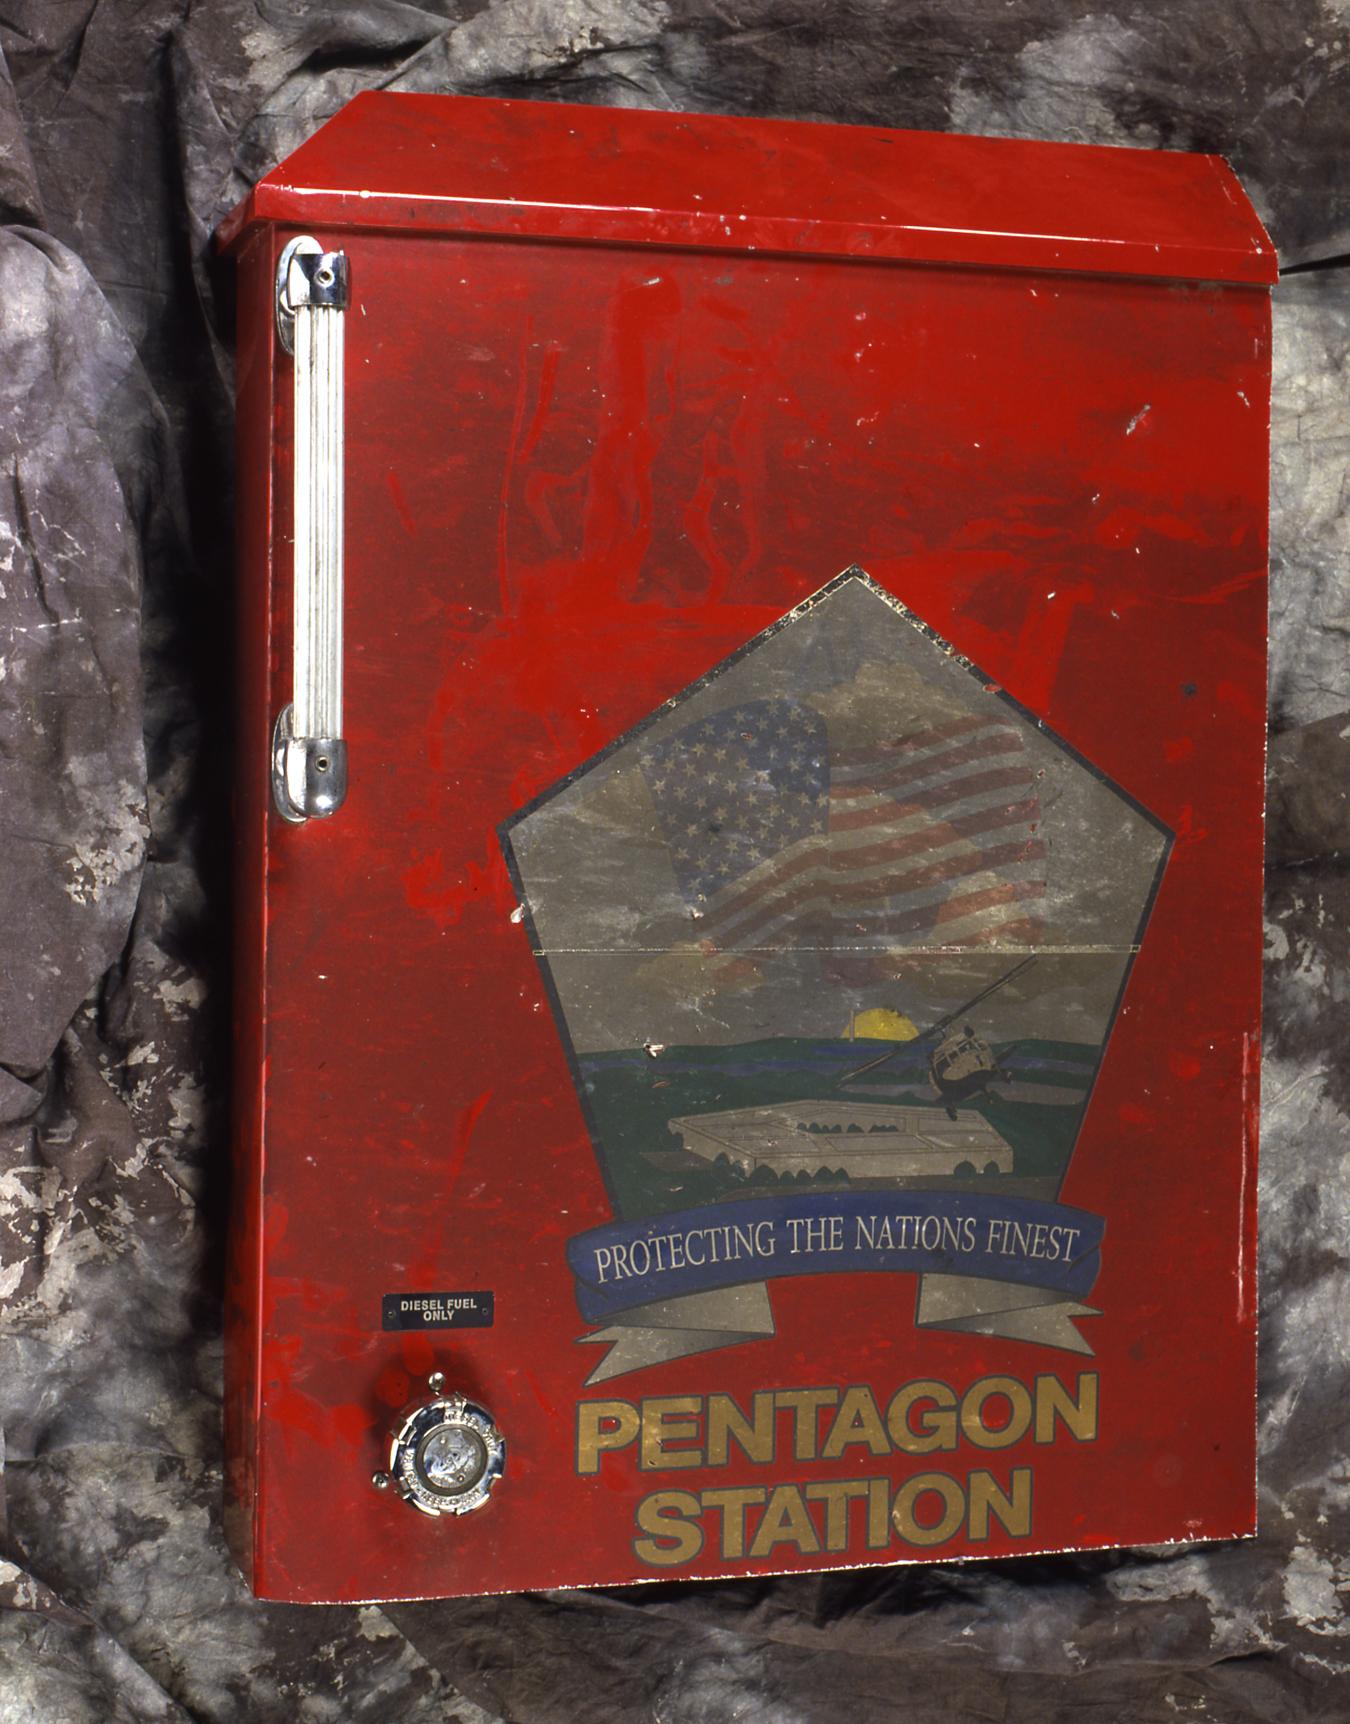 Pentagon fire truck panel